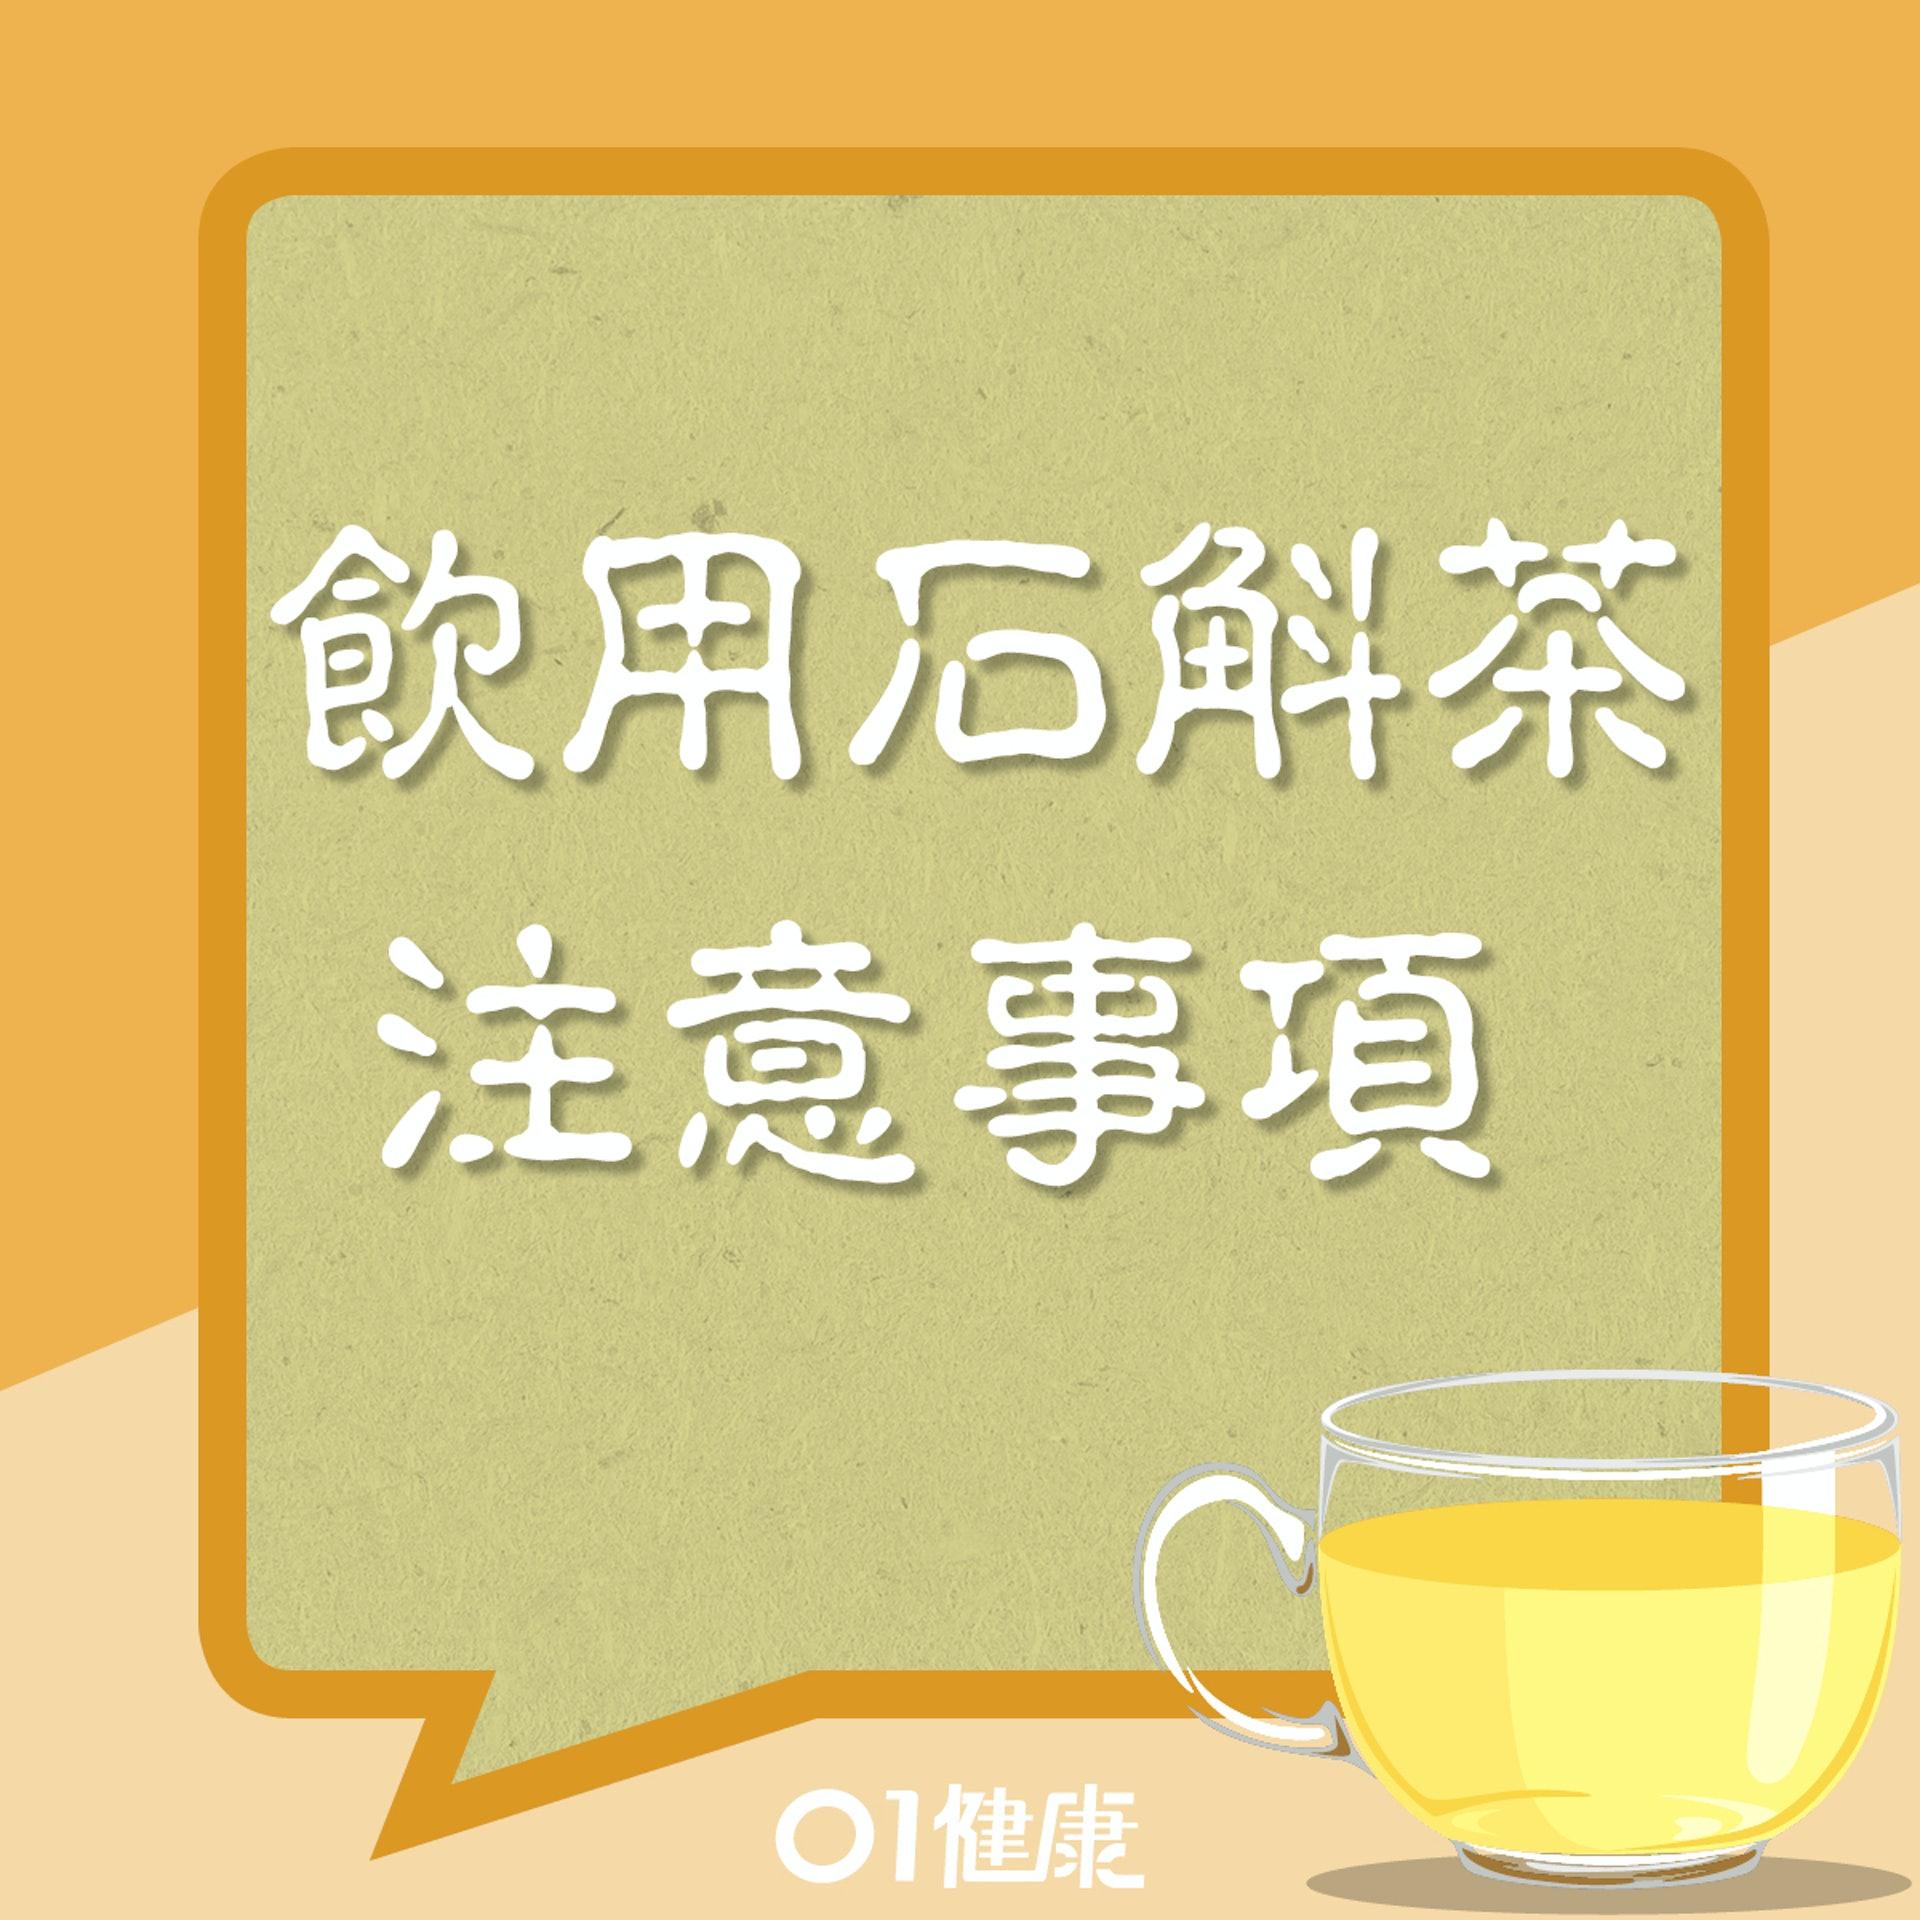 飲用石斛茶注意事項(01製圖)